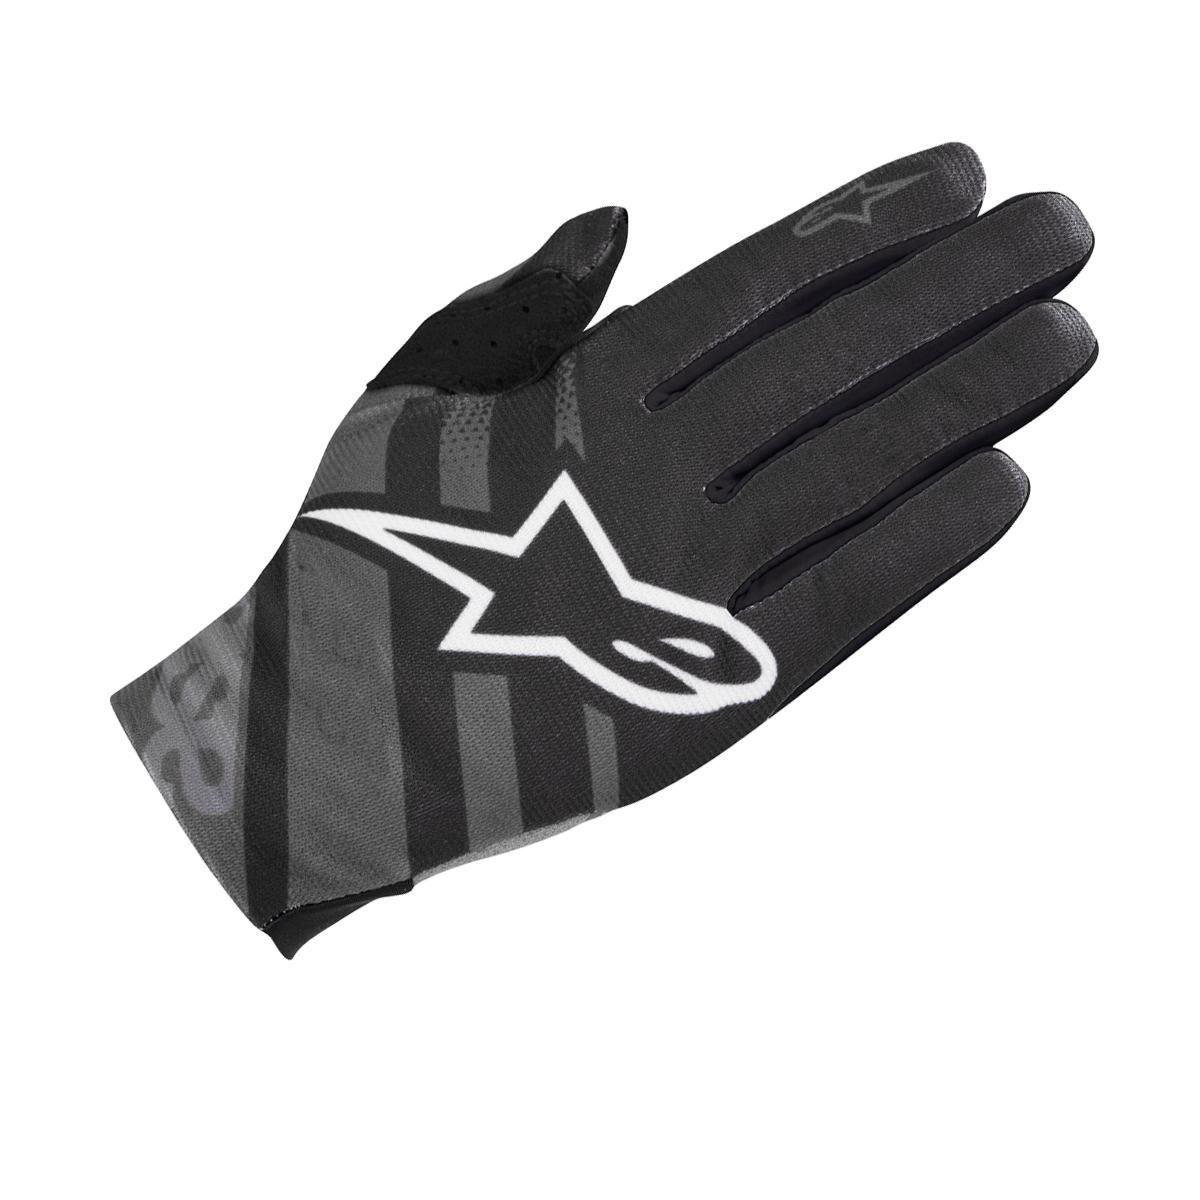 Alpinestars Racer Glove 2018: Black/Dark Shadow M